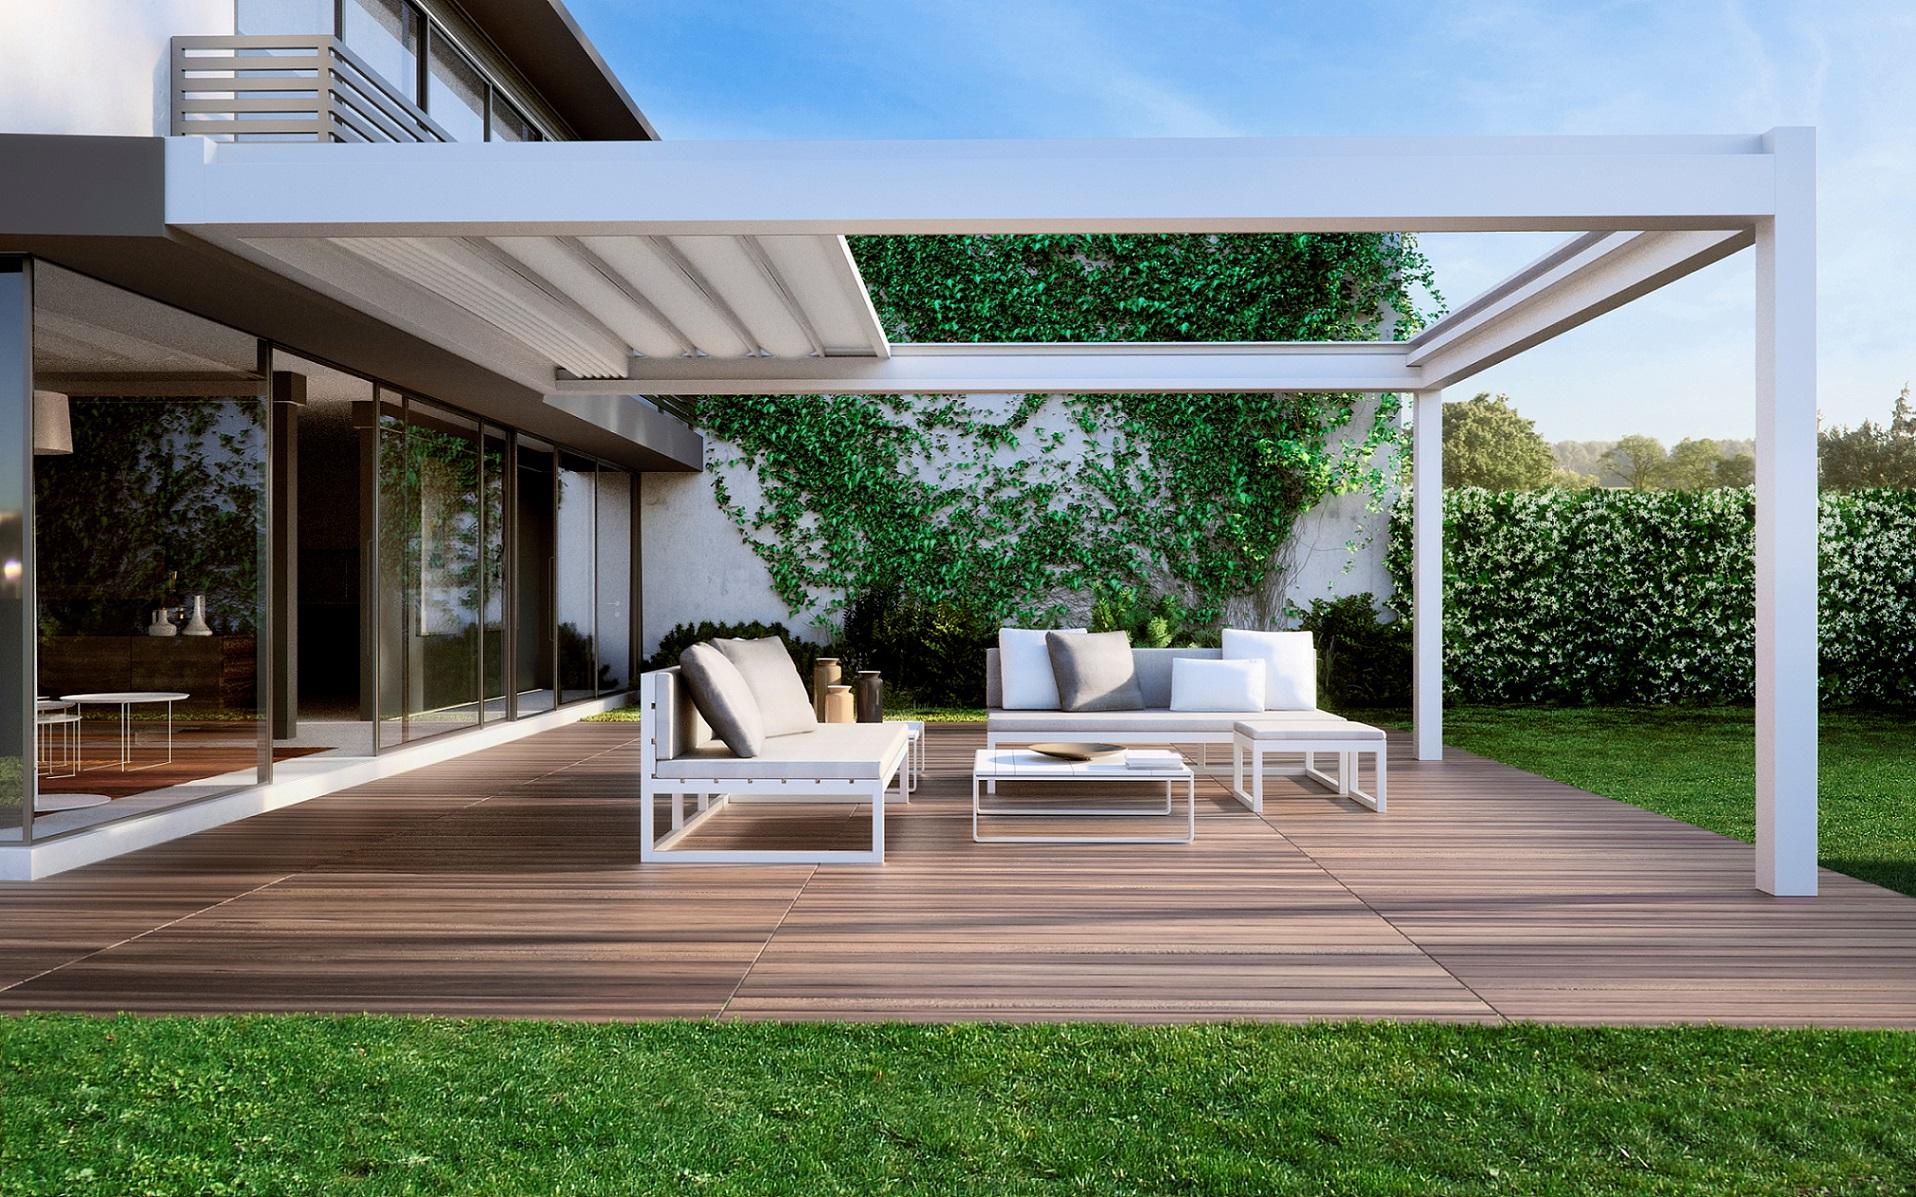 faites de votre jardin ou de votre terrasse un espace convivial labri du soleil et de la pluie clair et chauff avec une toile repliable ou patio